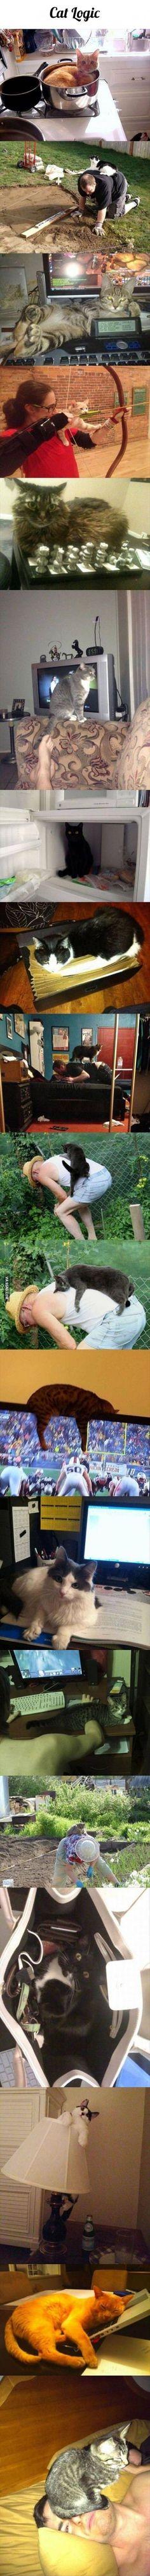 Cat Logic. If it fits, I sits.